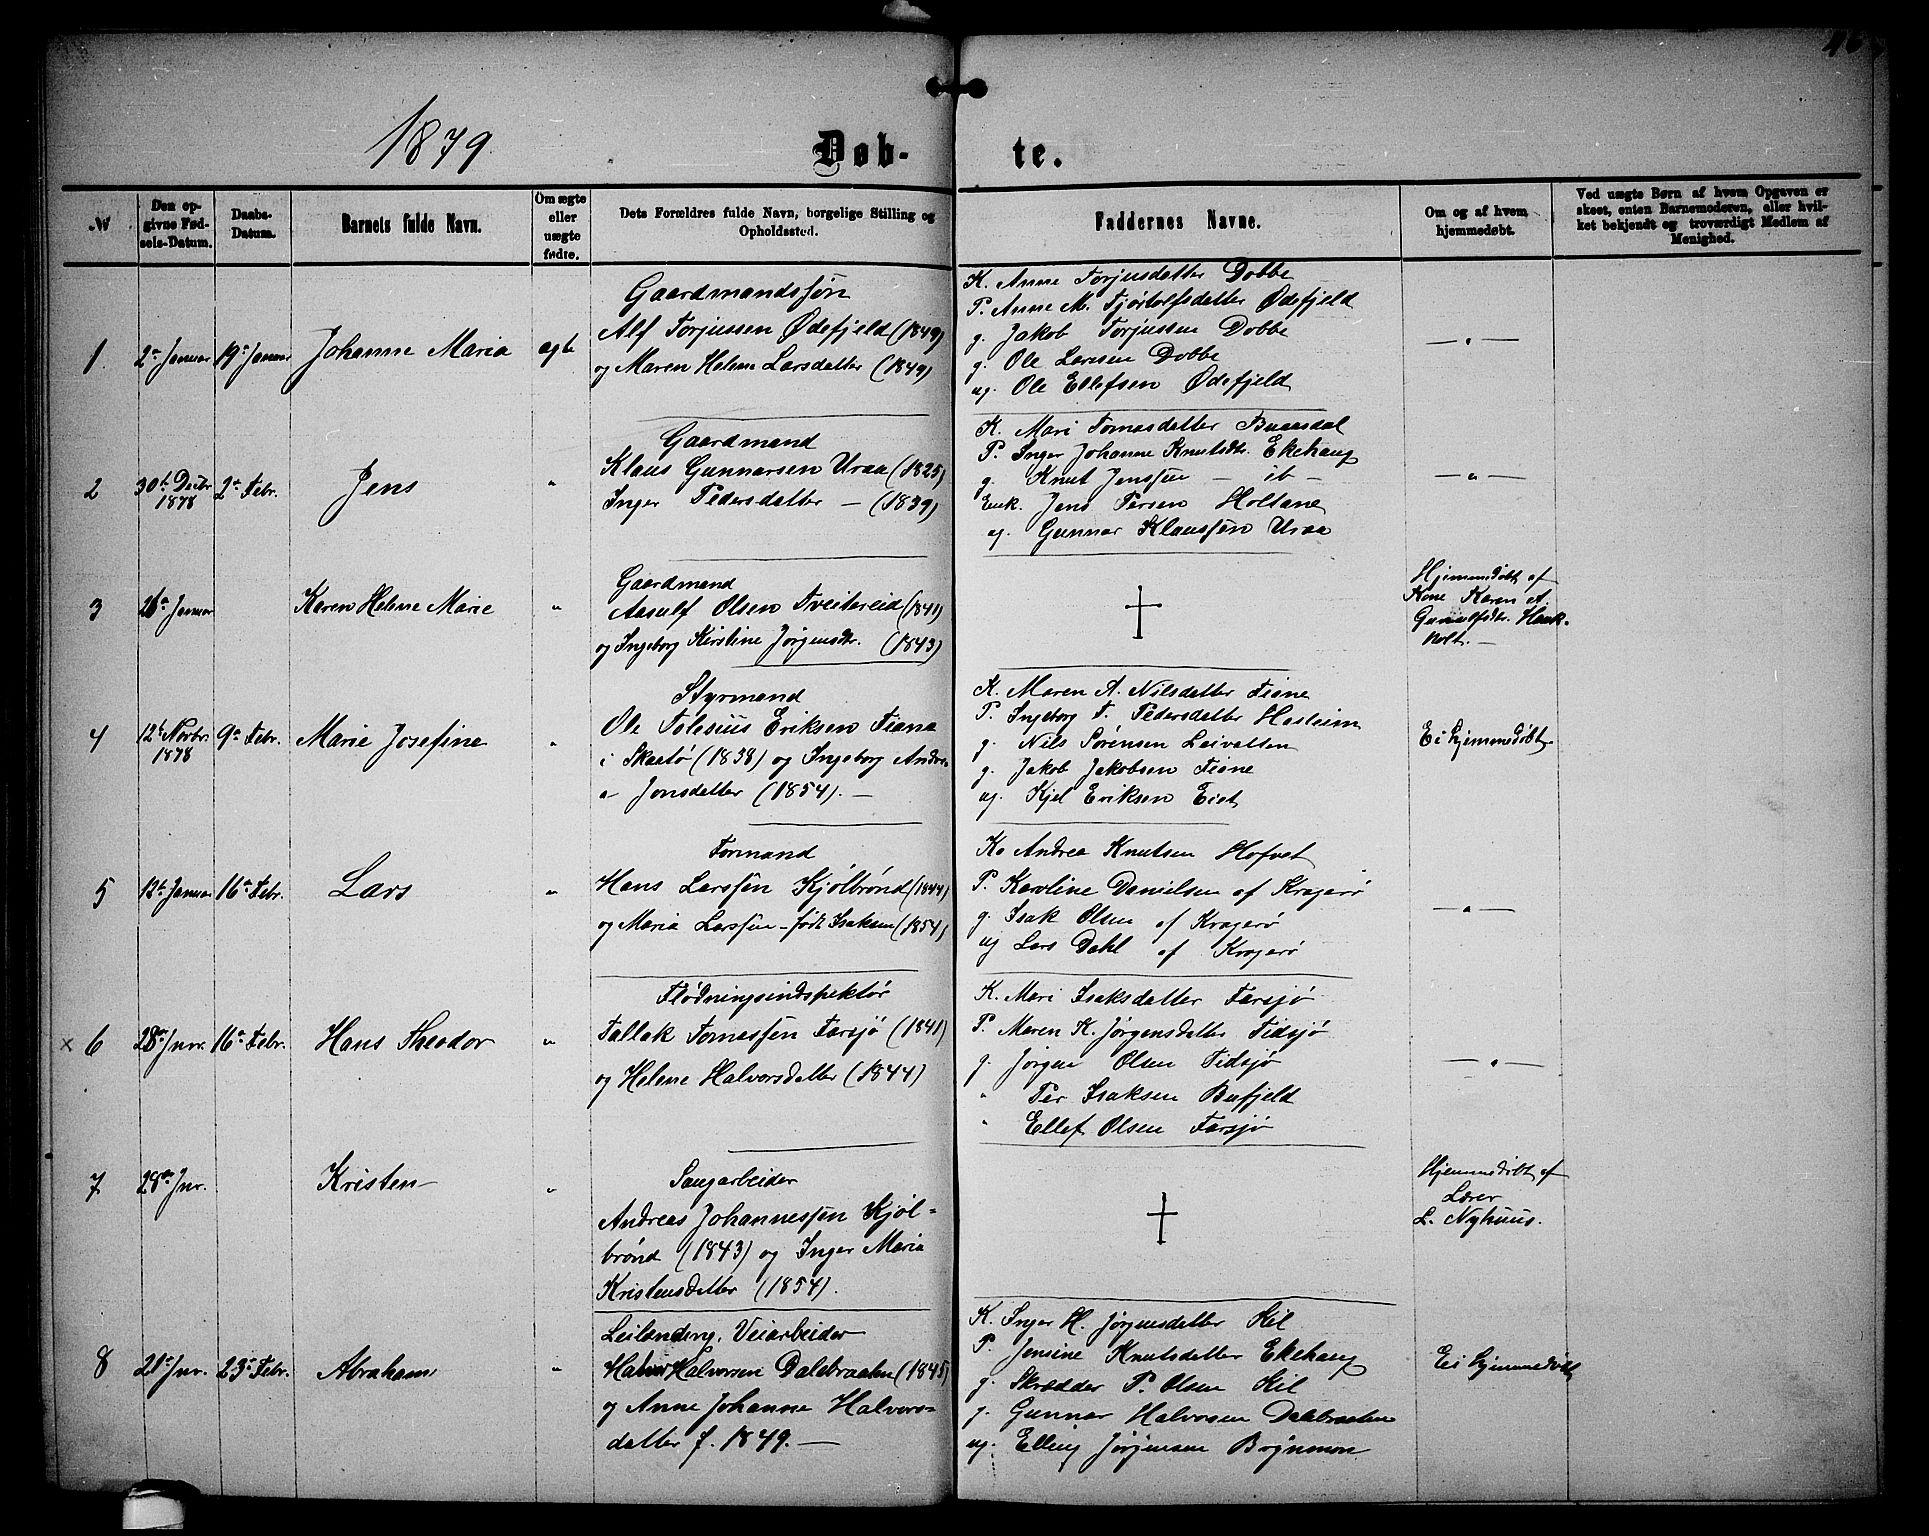 SAKO, Sannidal kirkebøker, G/Ga/L0002: Klokkerbok nr. 2, 1875-1886, s. 46